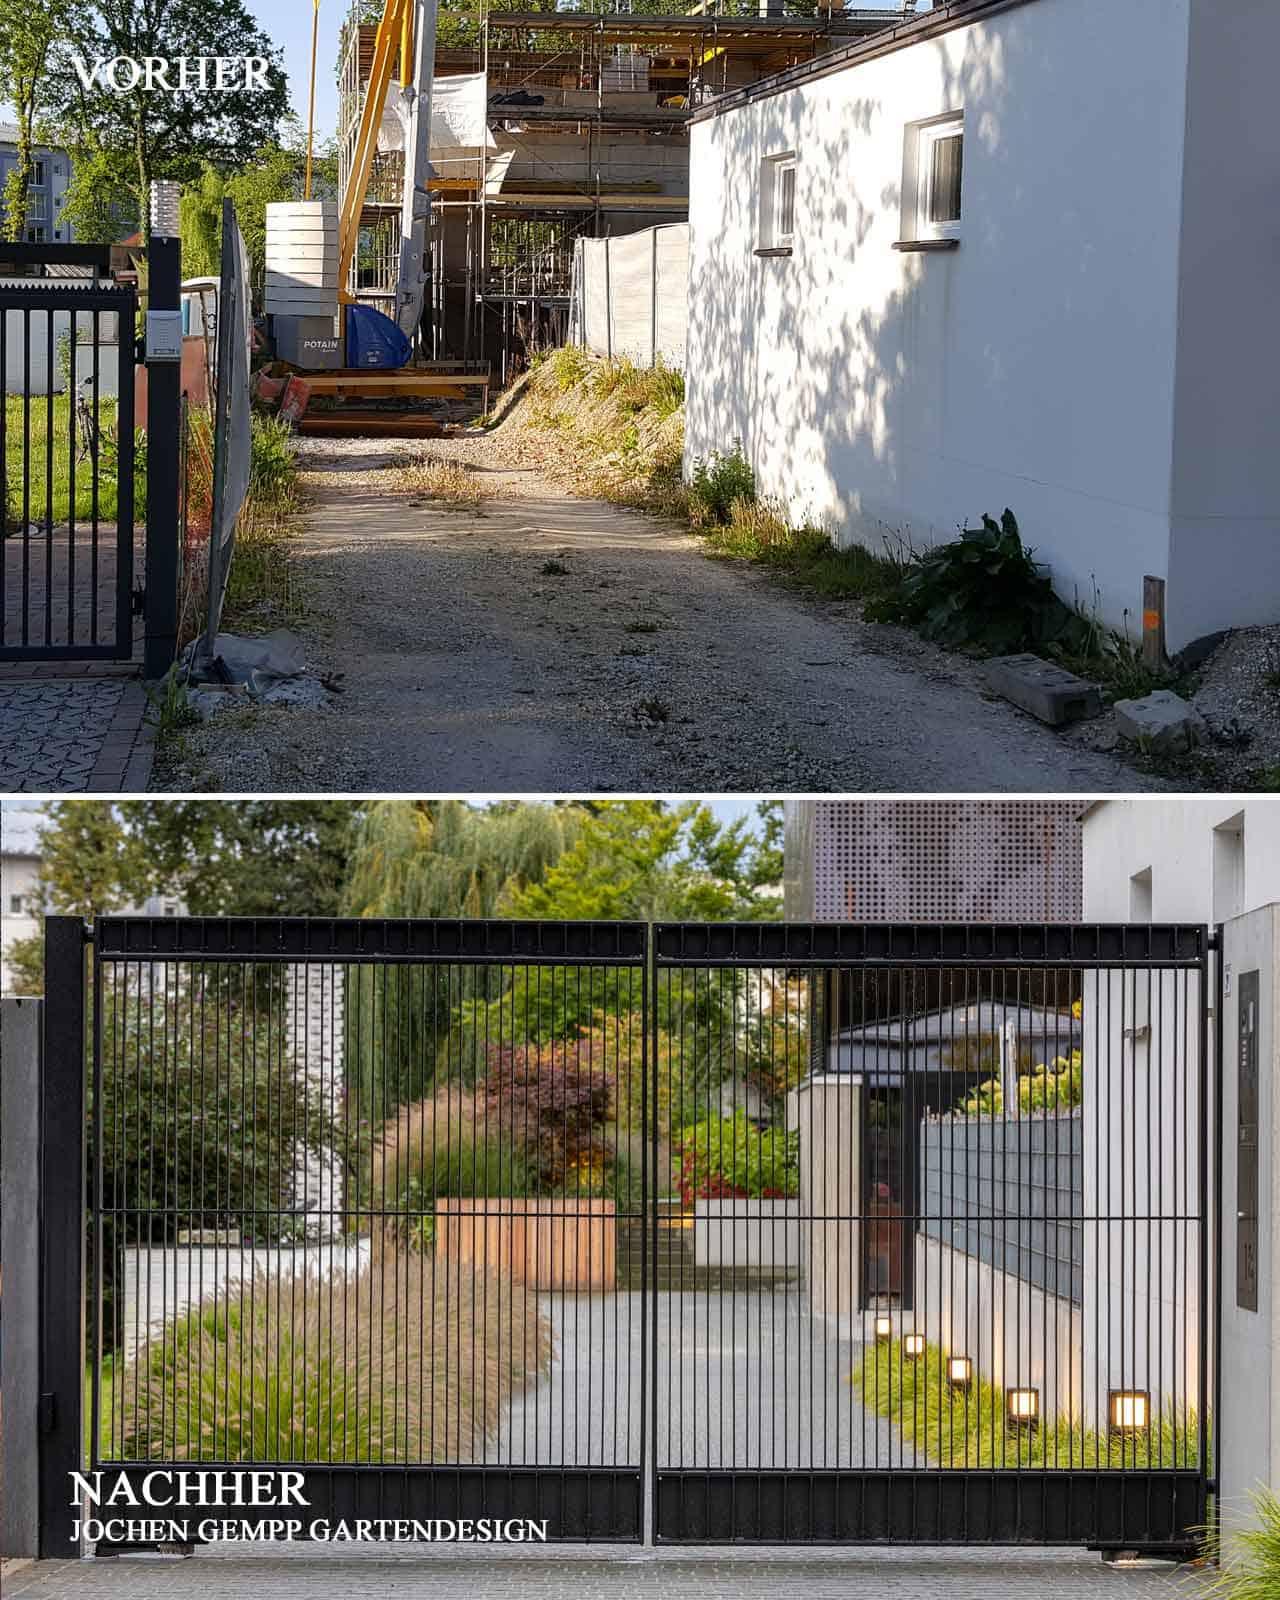 Gartendesign Gartengestaltung Landschaftsarchitektur München